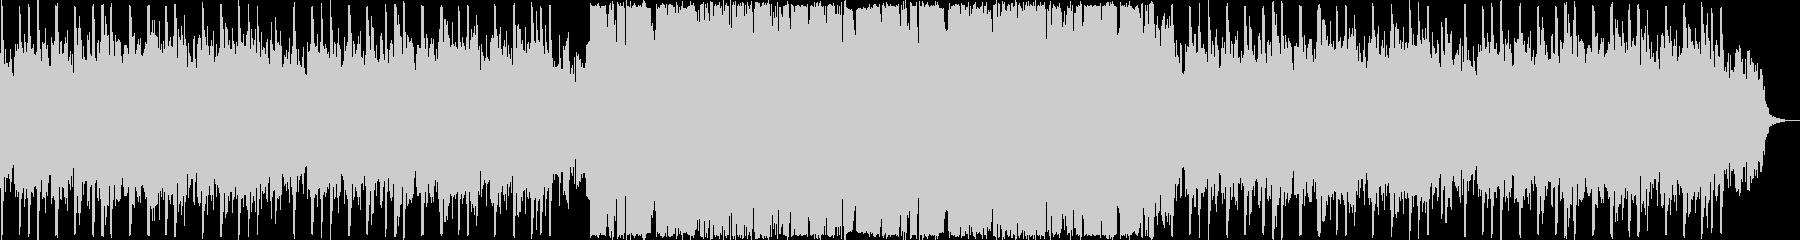 切ないシンセ・ピアノのサウンドの未再生の波形